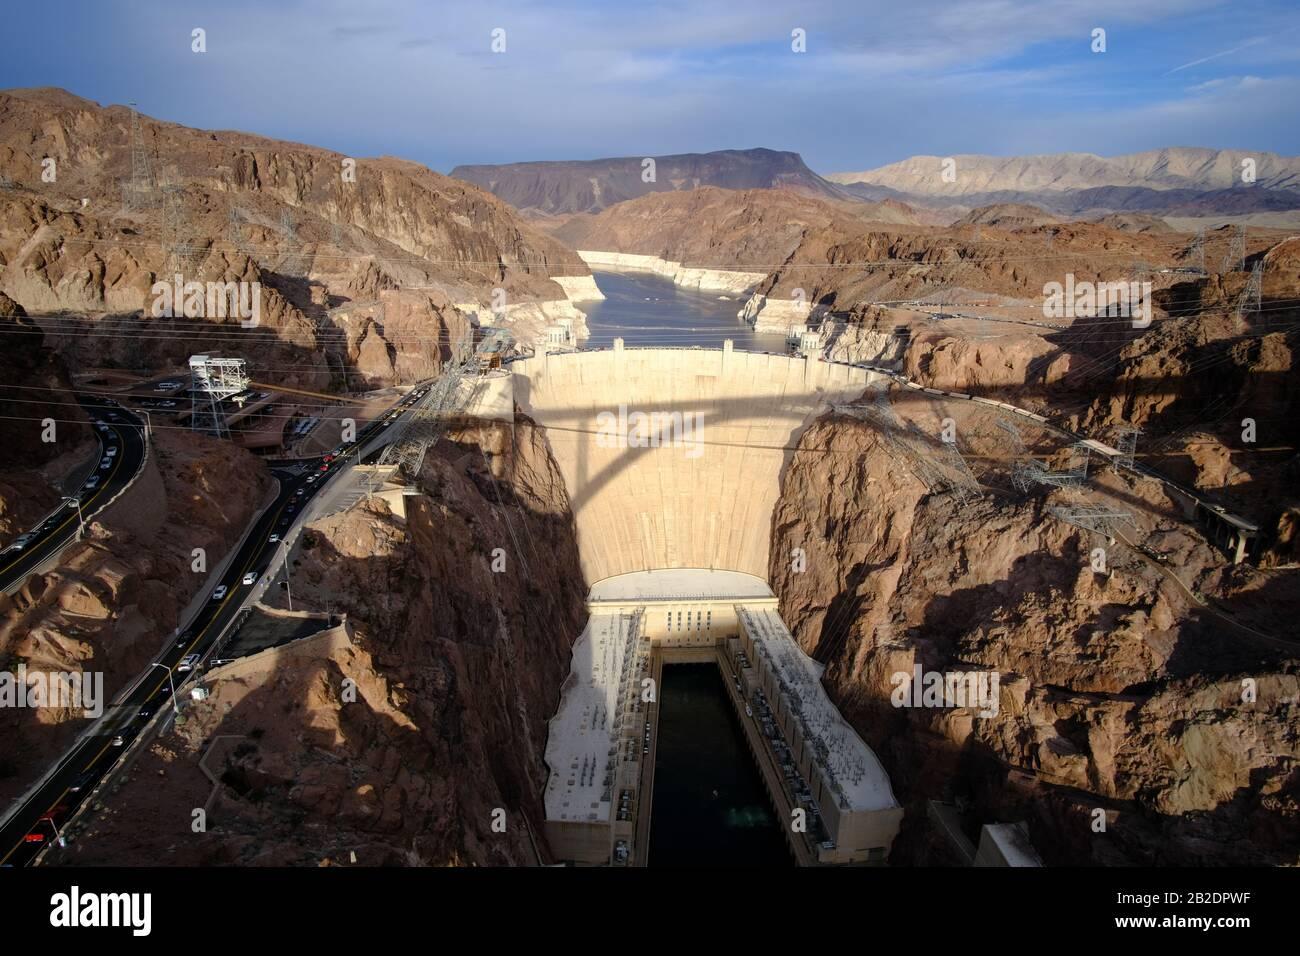 Le Célèbre Barrage Hoover. Centrale hydroélectrique à la frontière de l'Arizona et du Nevada sur le lac Mead. Banque D'Images